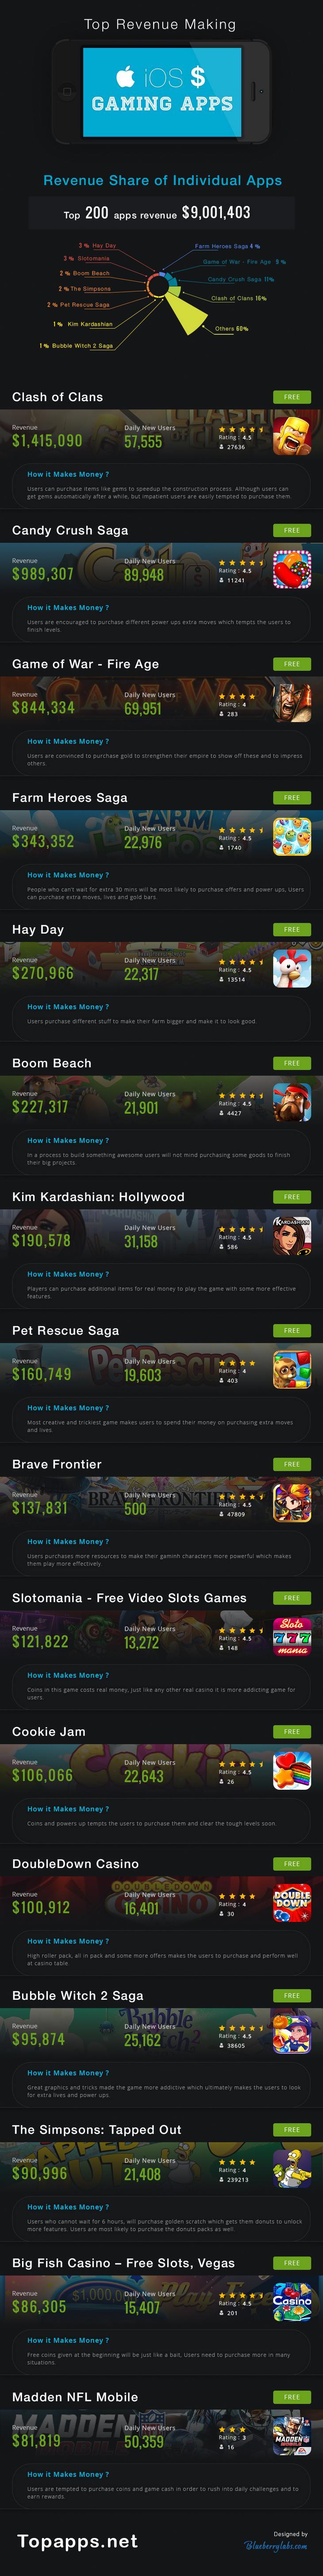 Инфографика: самые доходные игры App Store в США